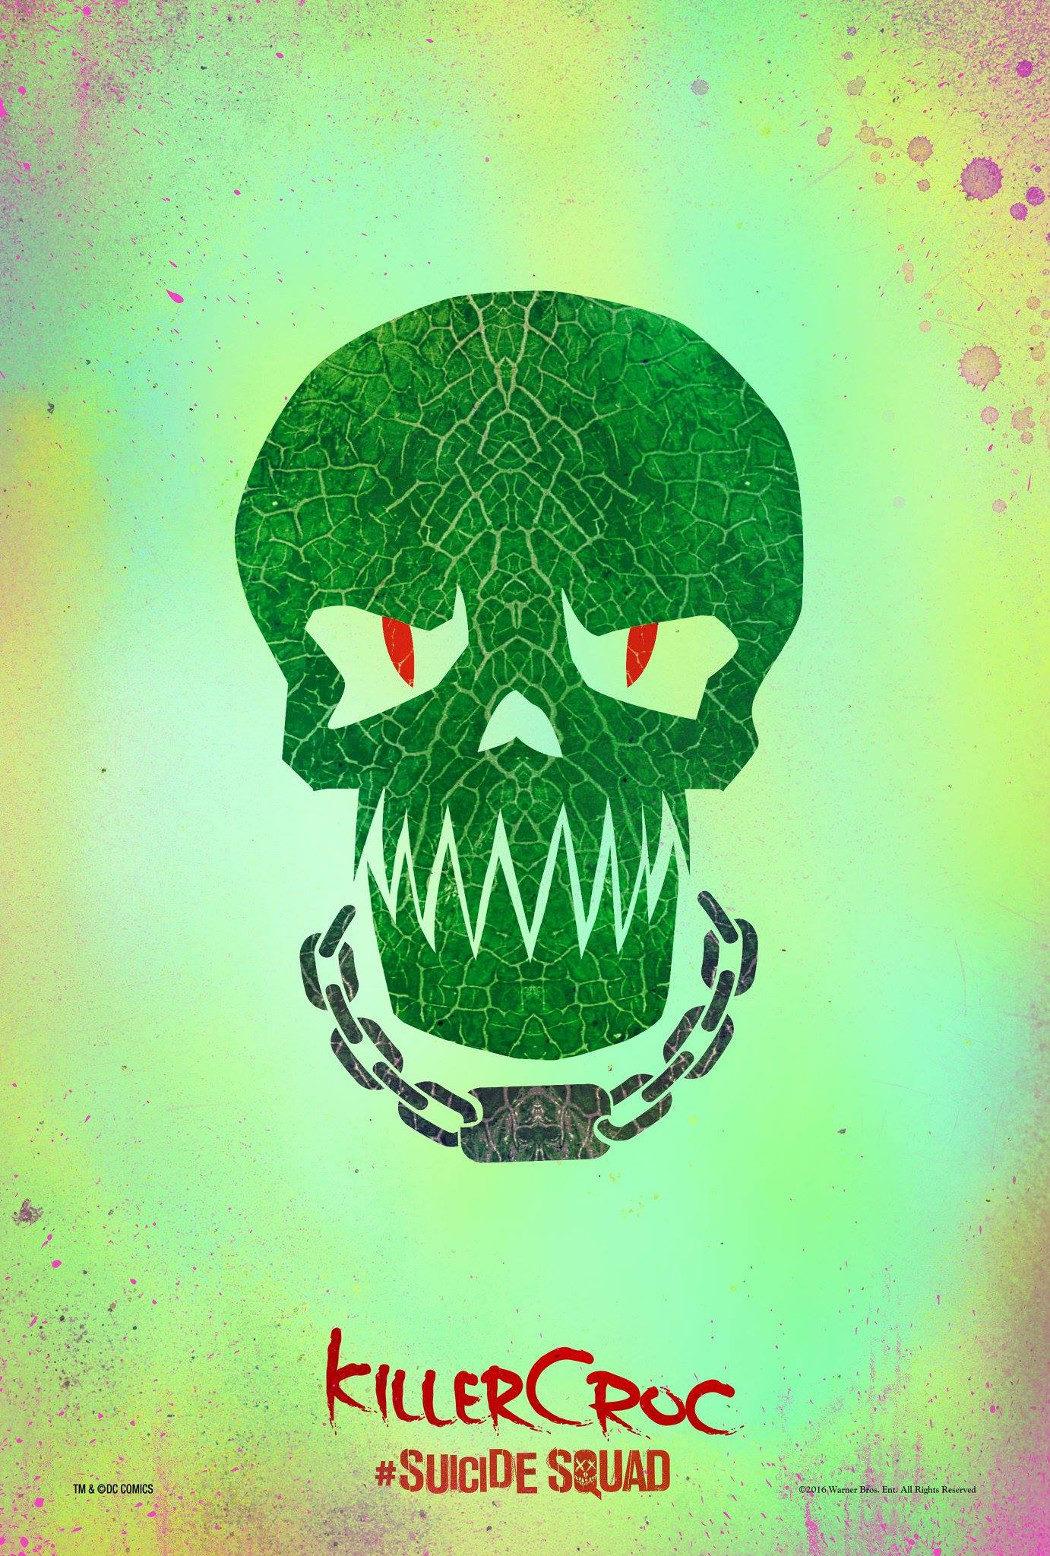 Killer Croc - 'Escuadrón Suicida'